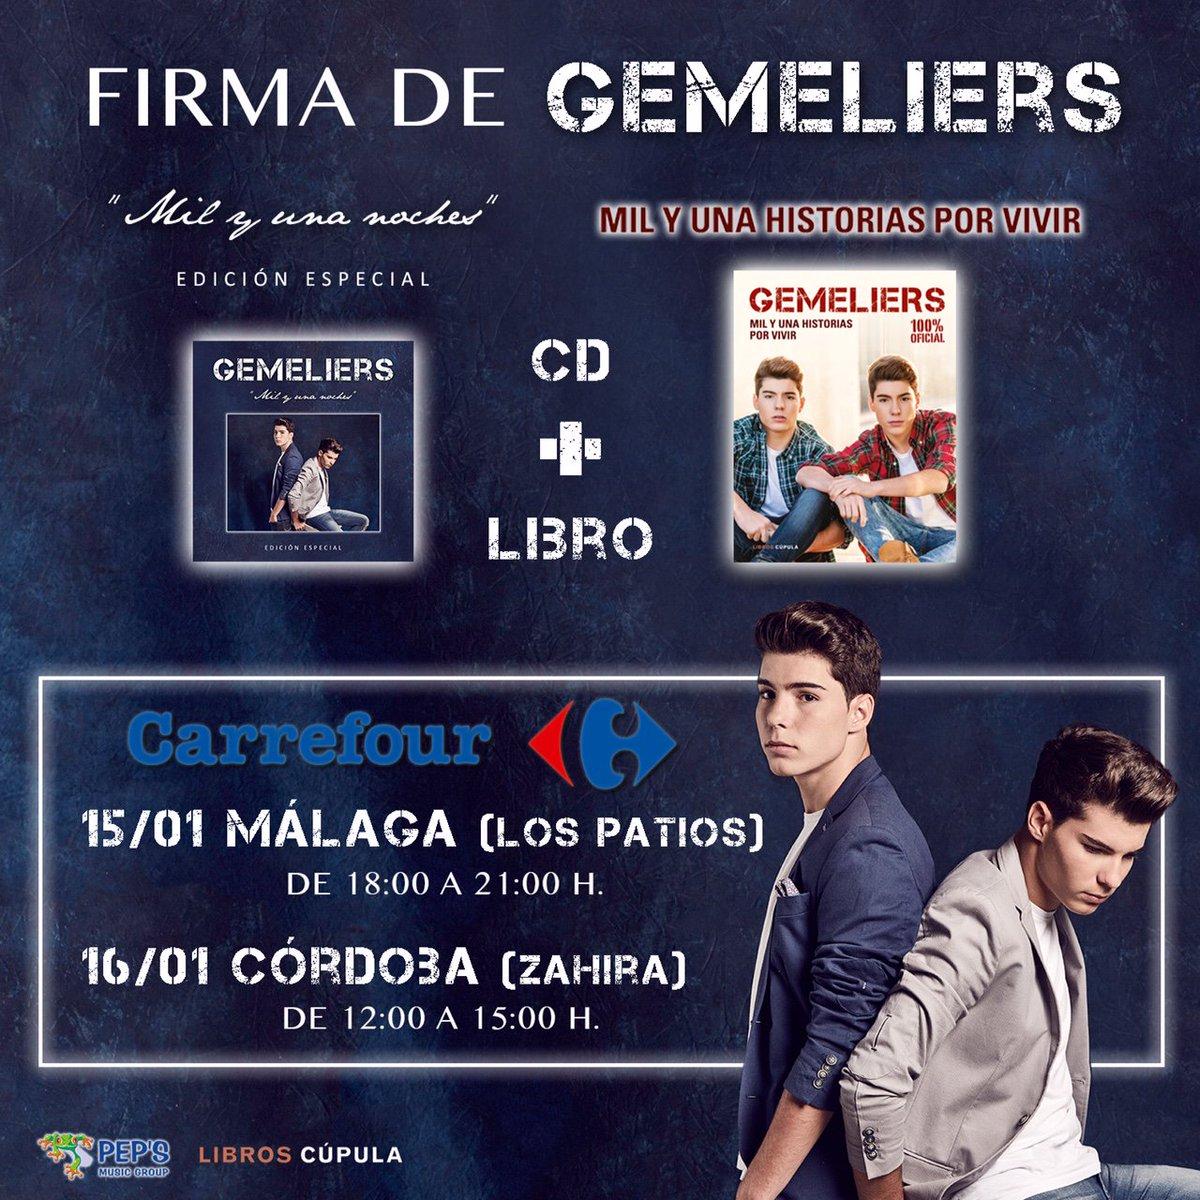 No te pierdas las próximas firmas de @GemeliersMusic. El 15/01 en #CarrefourLosPatios y el 16/01 en #CarrefourZahira https://t.co/1HiBV3BL0p